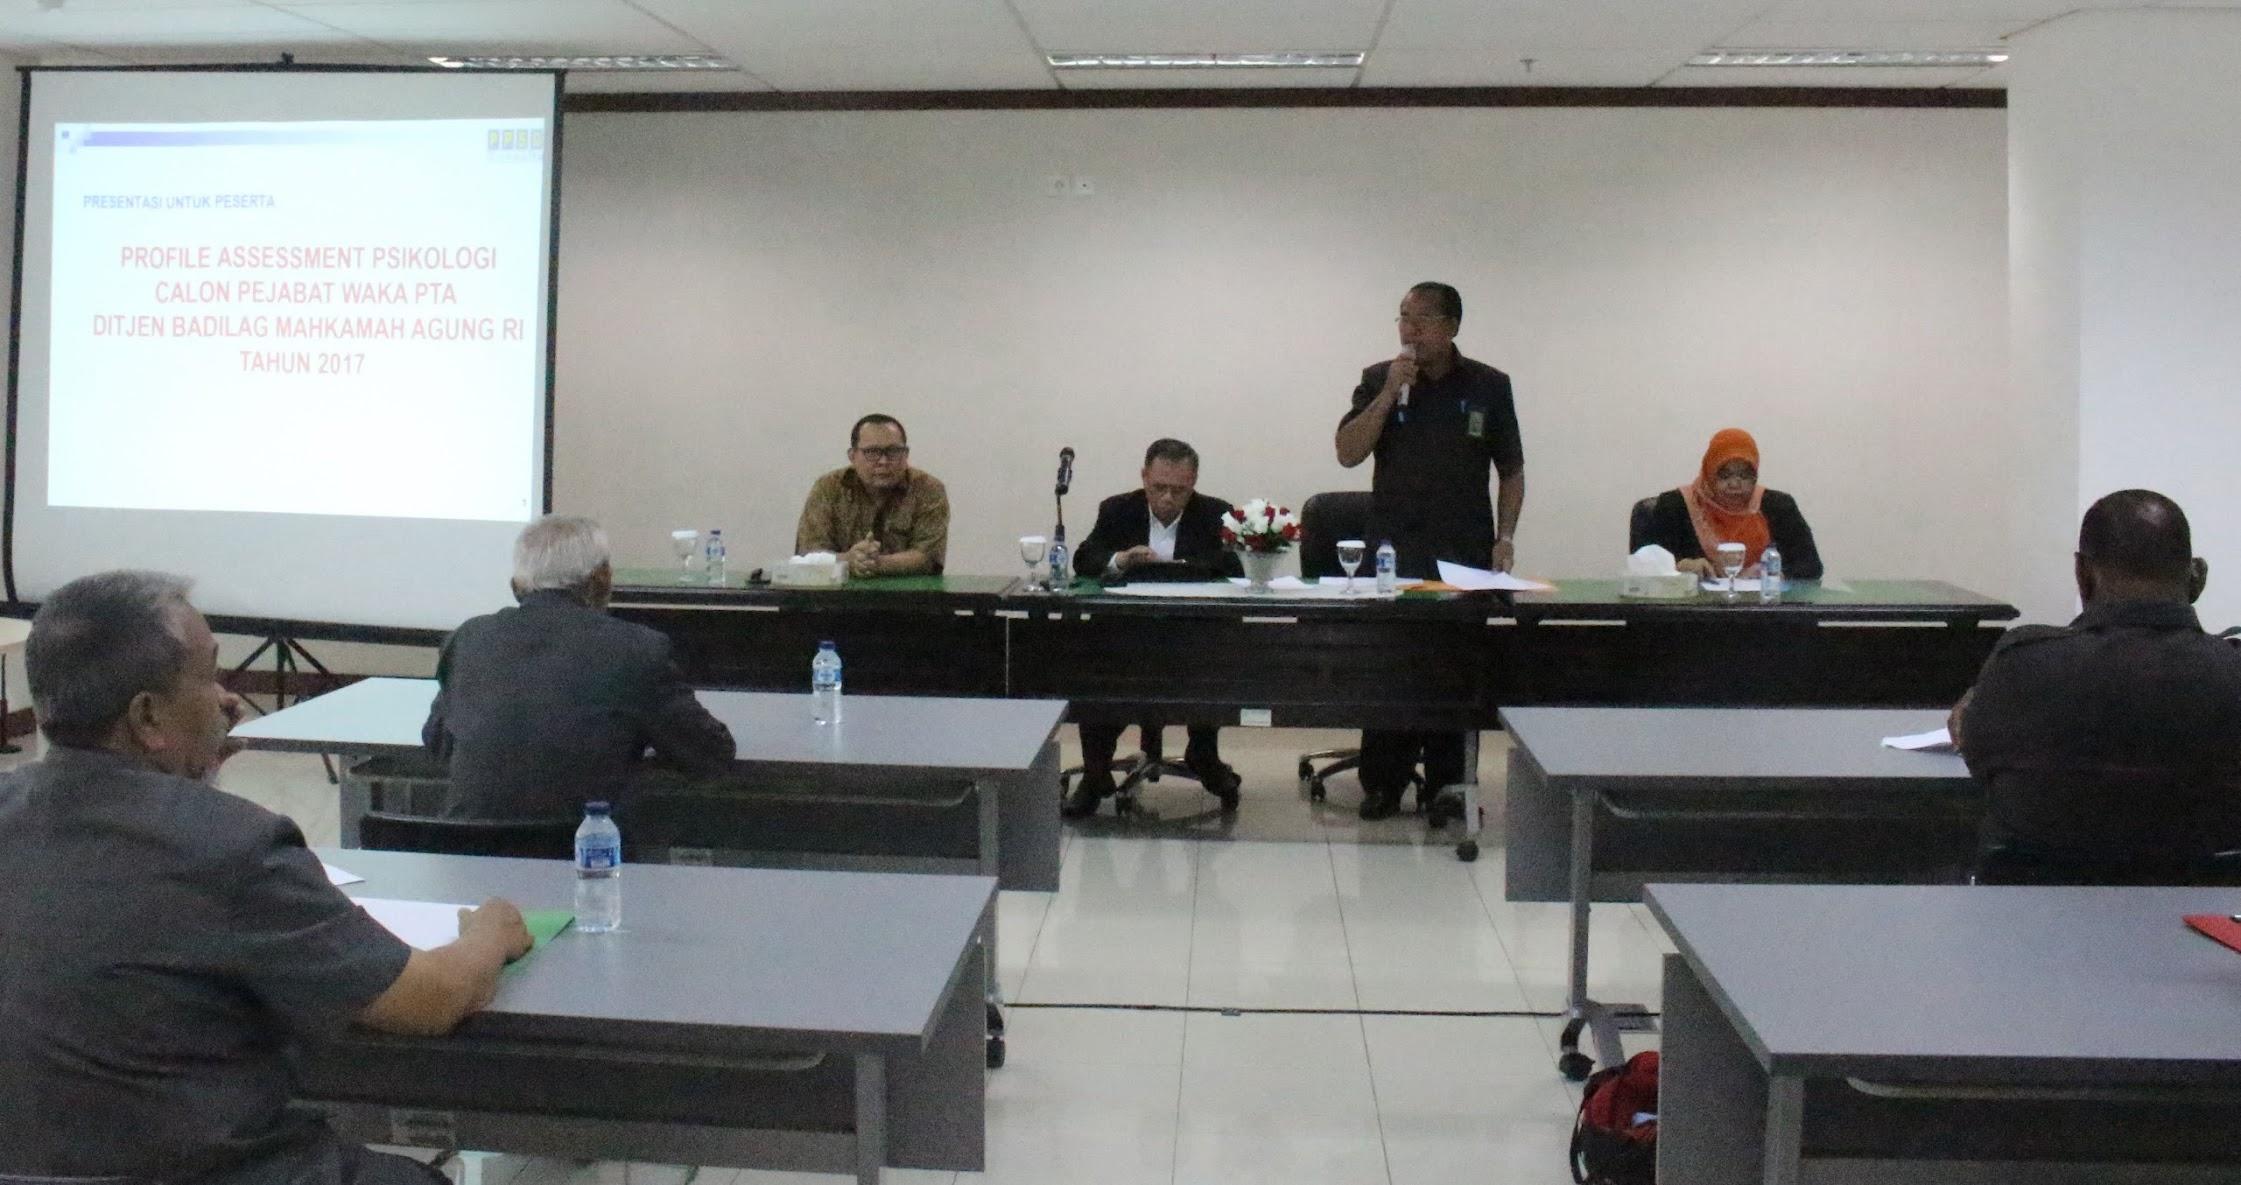 Jaring Calon Wakil Ketua PTA, Badilag Lakukan Fit and Proper Test